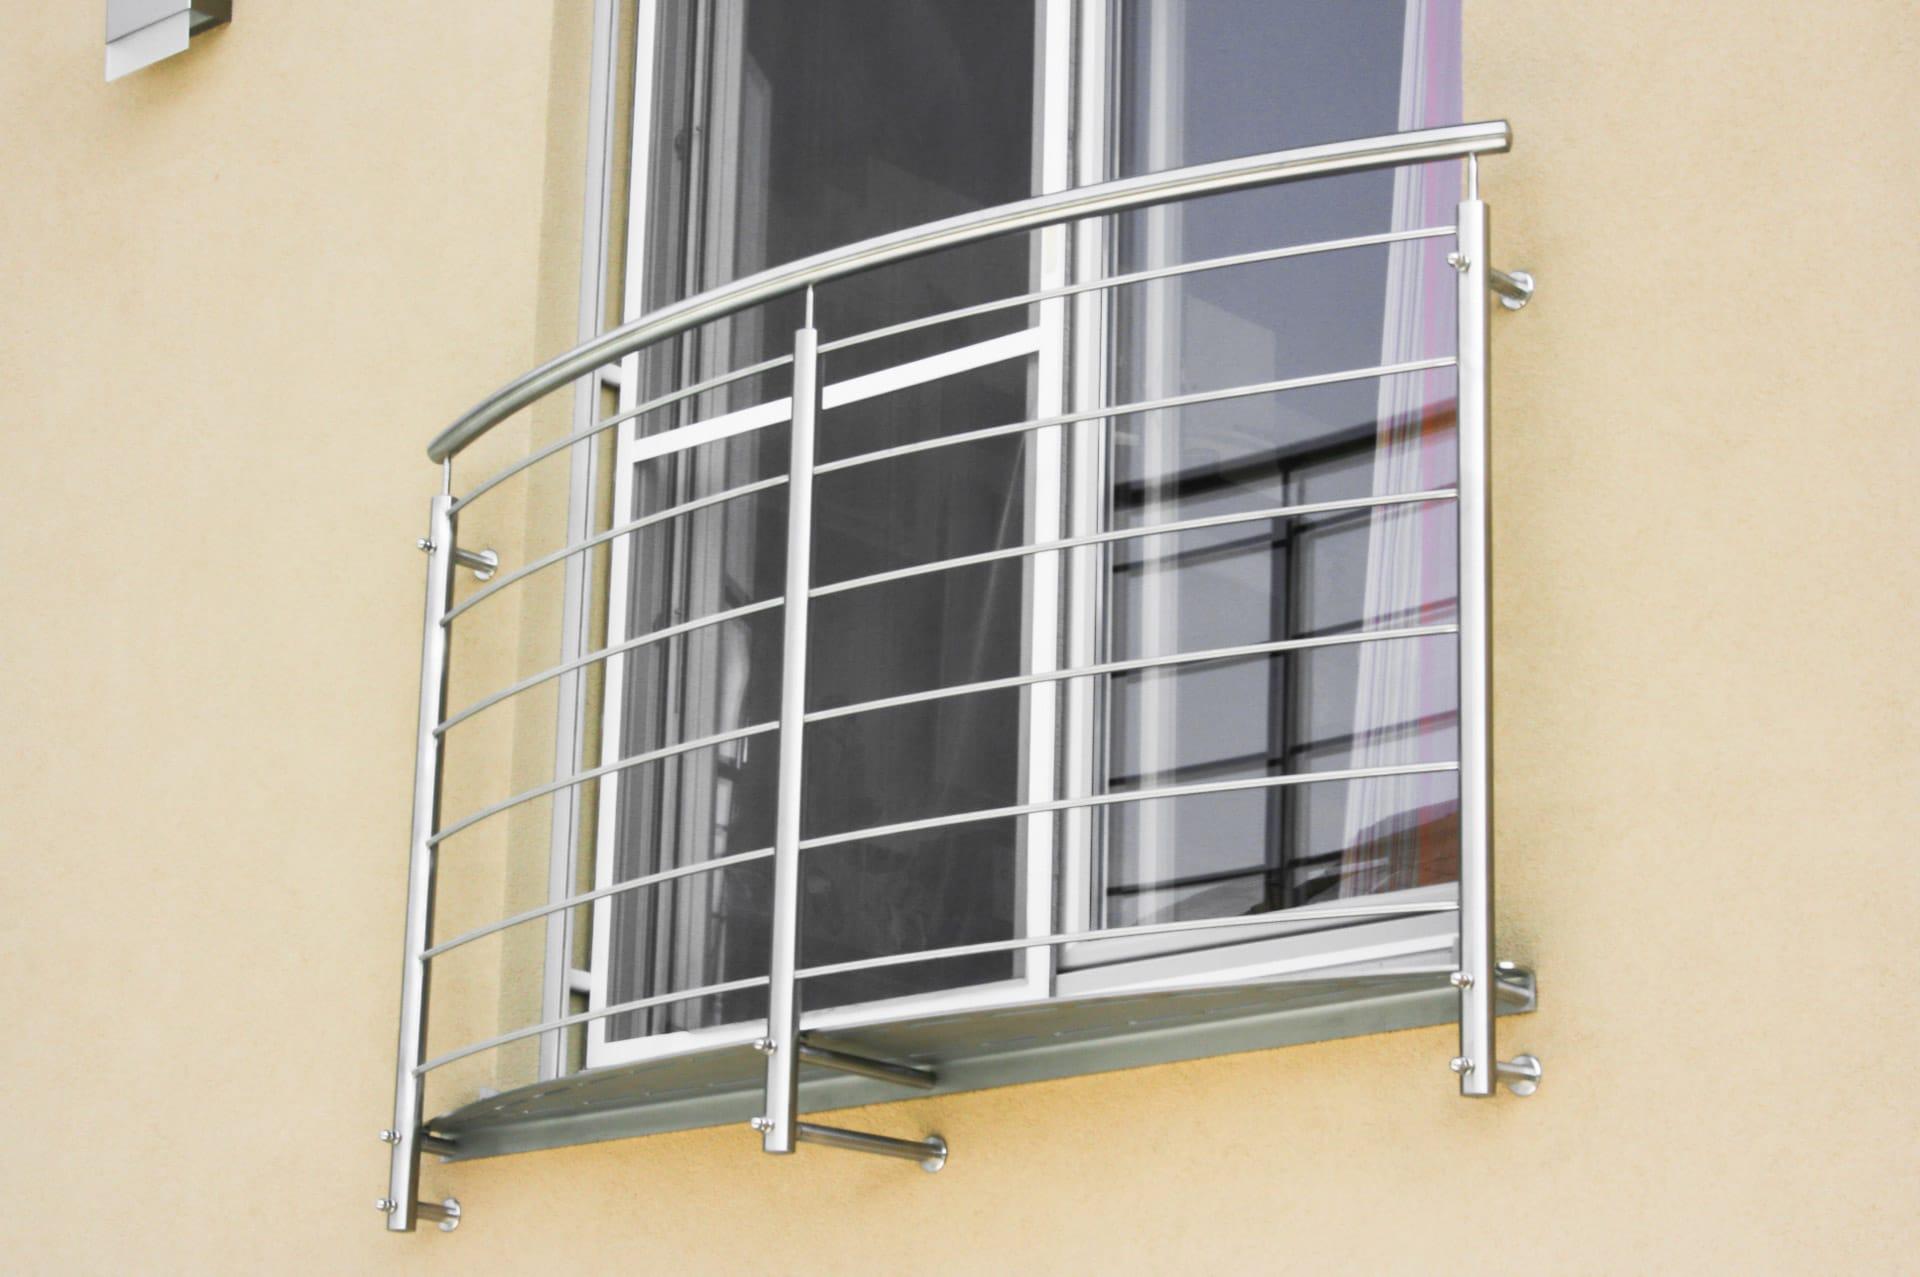 Bochum 04 b   Französisches Geländer bei Fenster, gebogene waagrechte Stäbe, stirnseitig   Svoboda